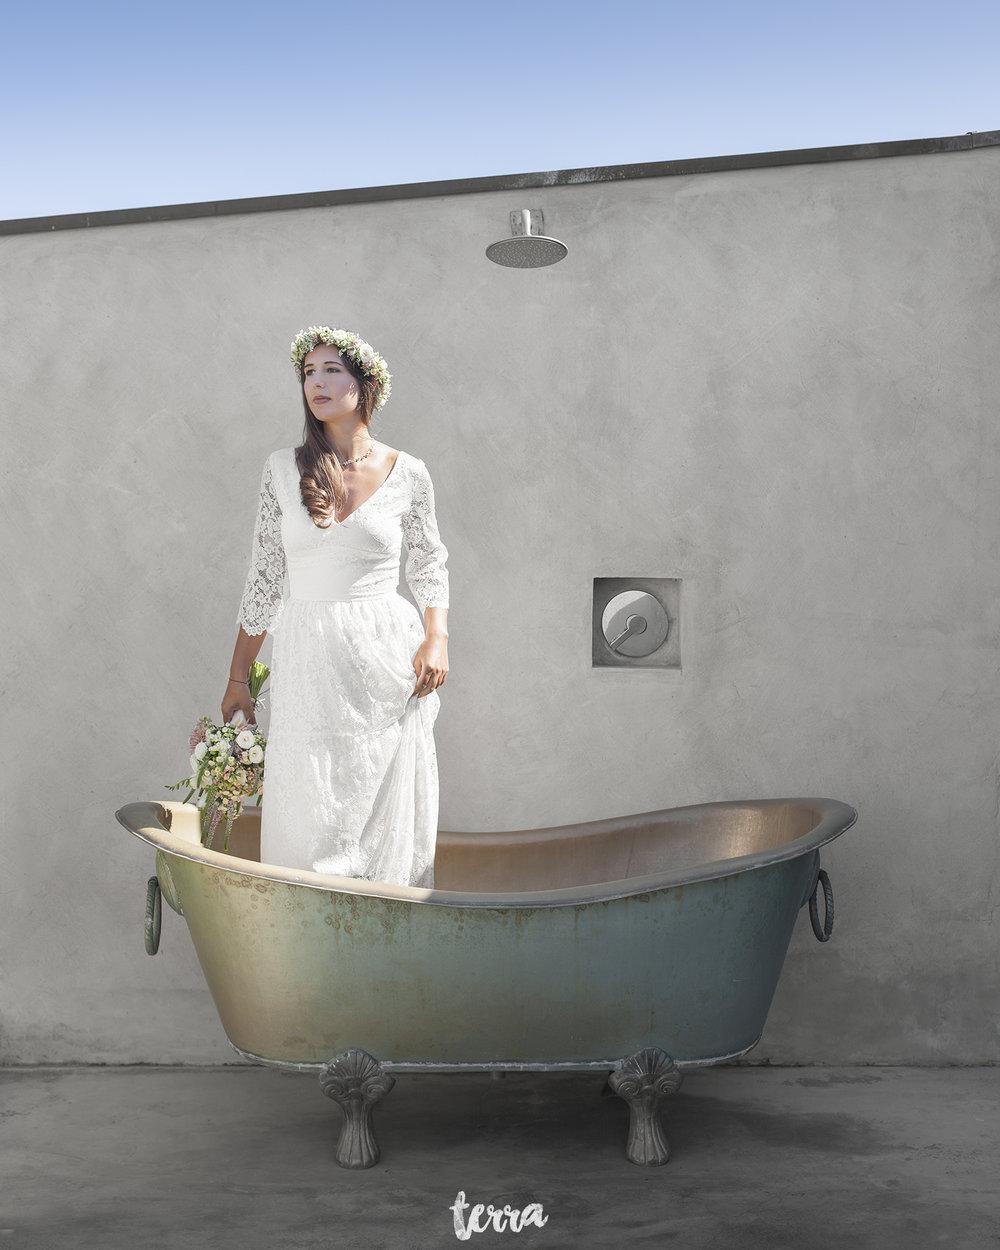 fotografia-casamento-areias-seixo-adega-mae-terra-fotografia-036.jpg